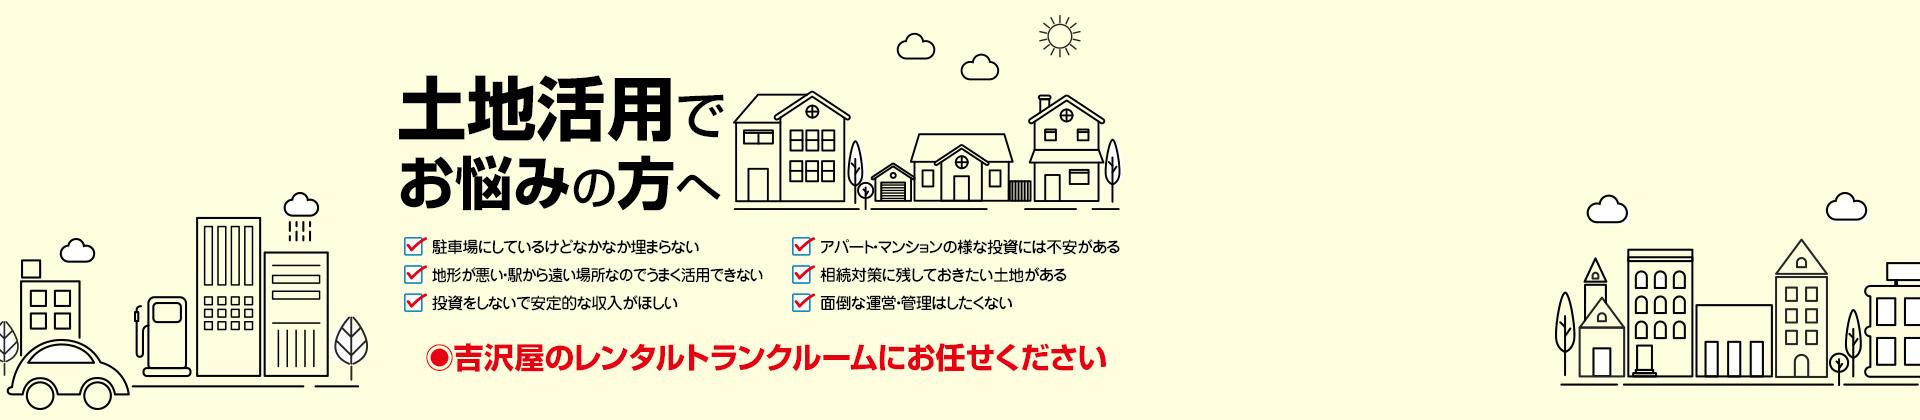 土地活用でお悩みの方へ 吉沢屋のレンタルトランクルームにお任せください